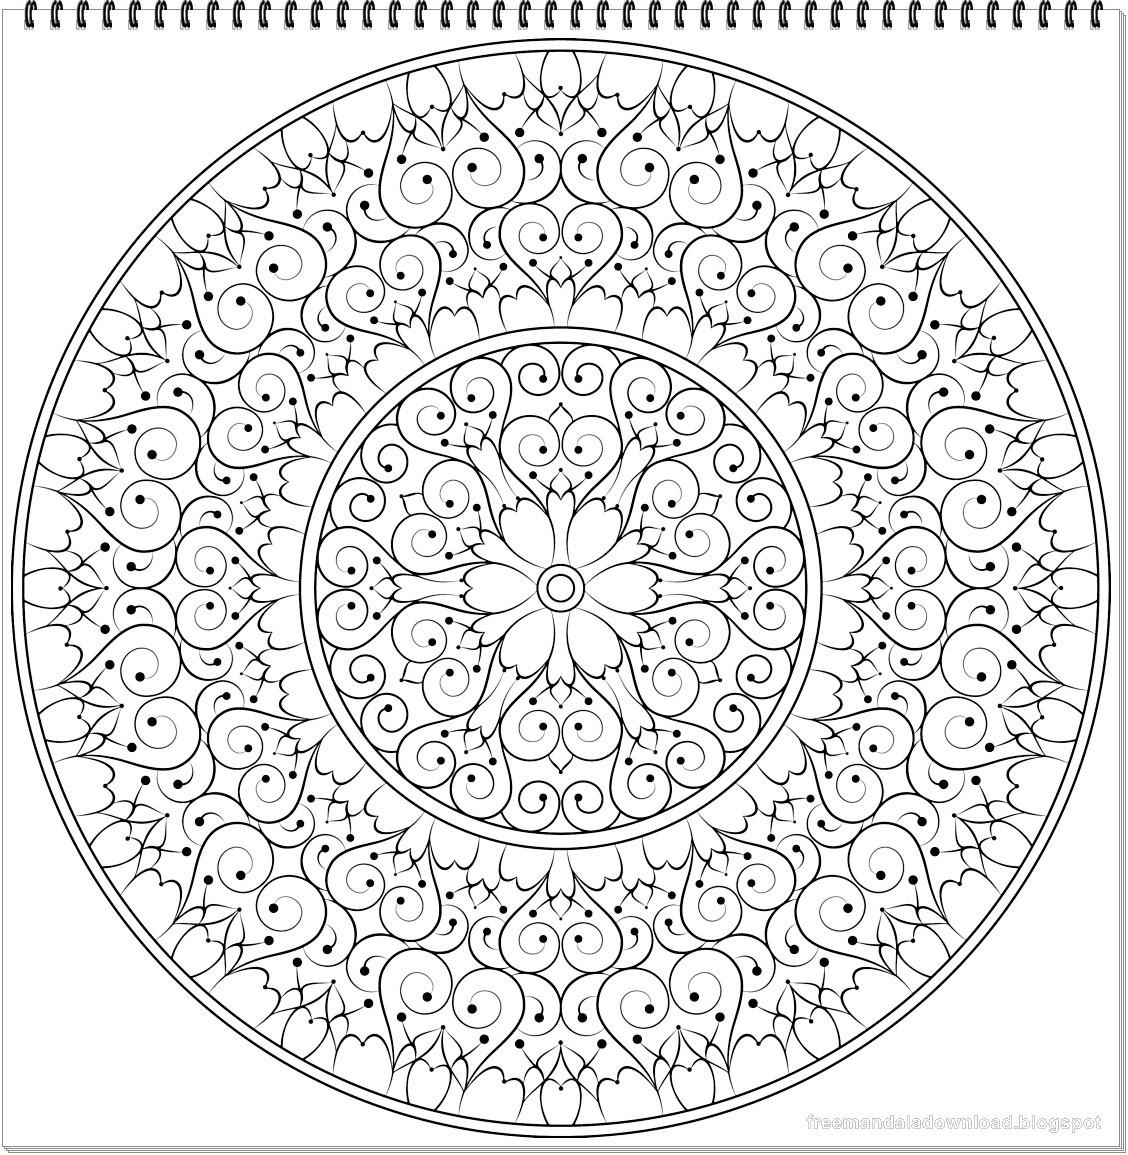 Mandala Für Erwachsene Zum Ausdrucken Kostenlos Neu 100 Schöne Ausmalbilder Für Erwachsene Bilder Ideen Bilder